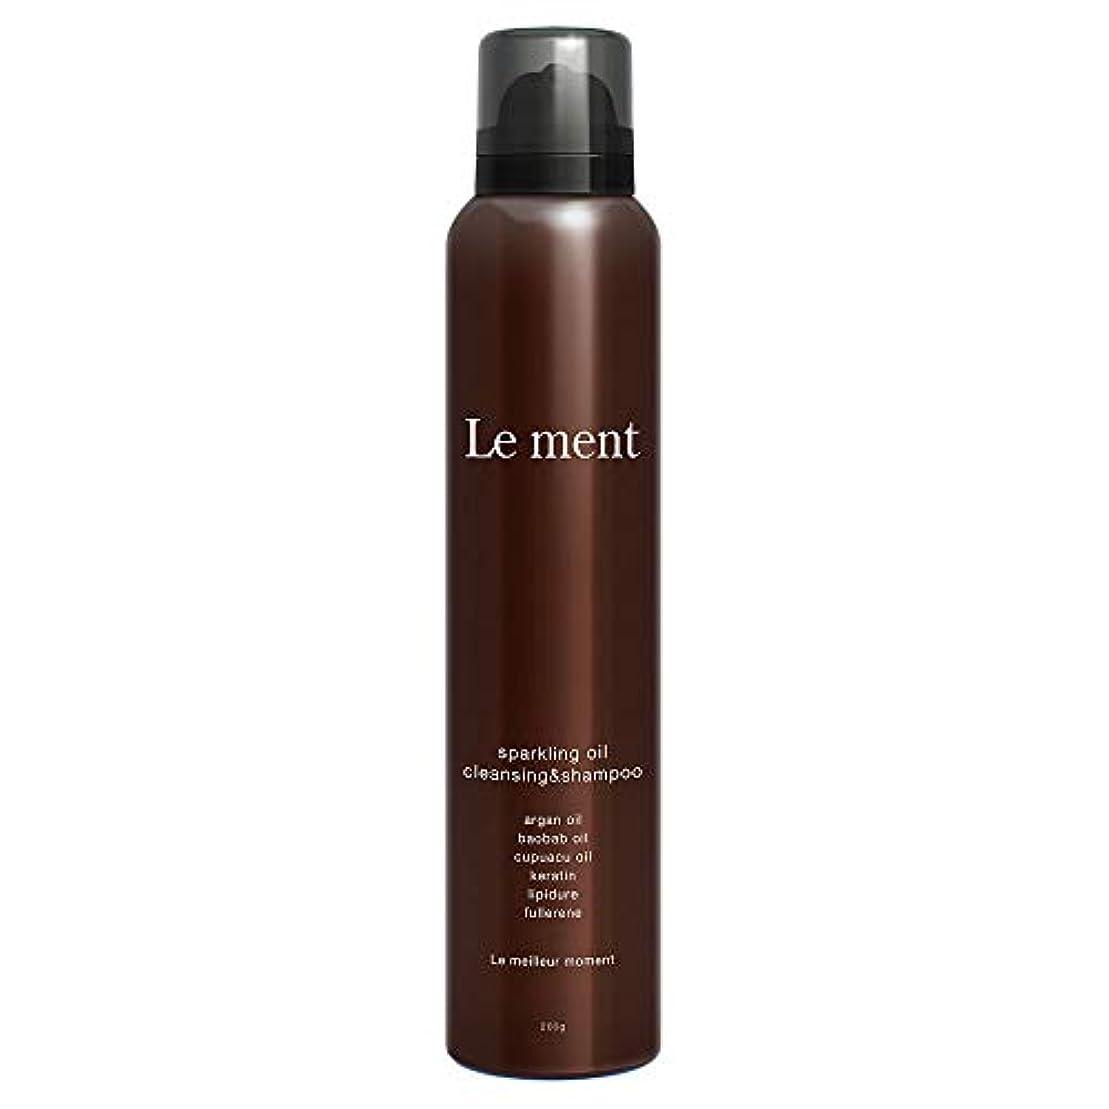 カナダ経由でお手入れLe ment -sparkling oil cleansing & shampoo -